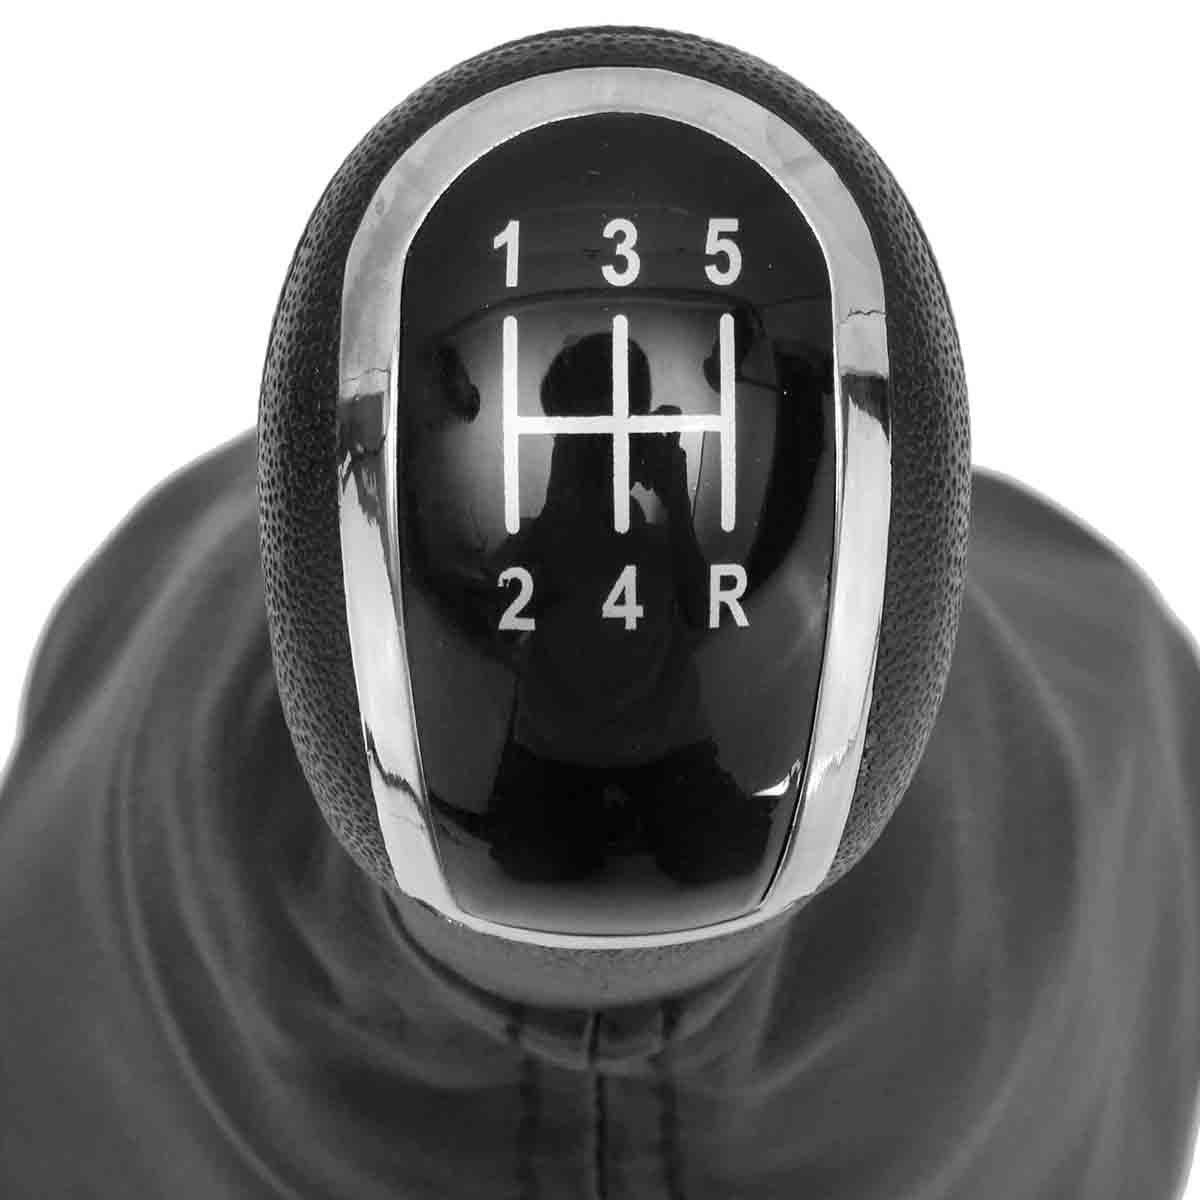 HDCF Copriscarpe a pomello con pomello pomello cambio velocit/à 5 marce